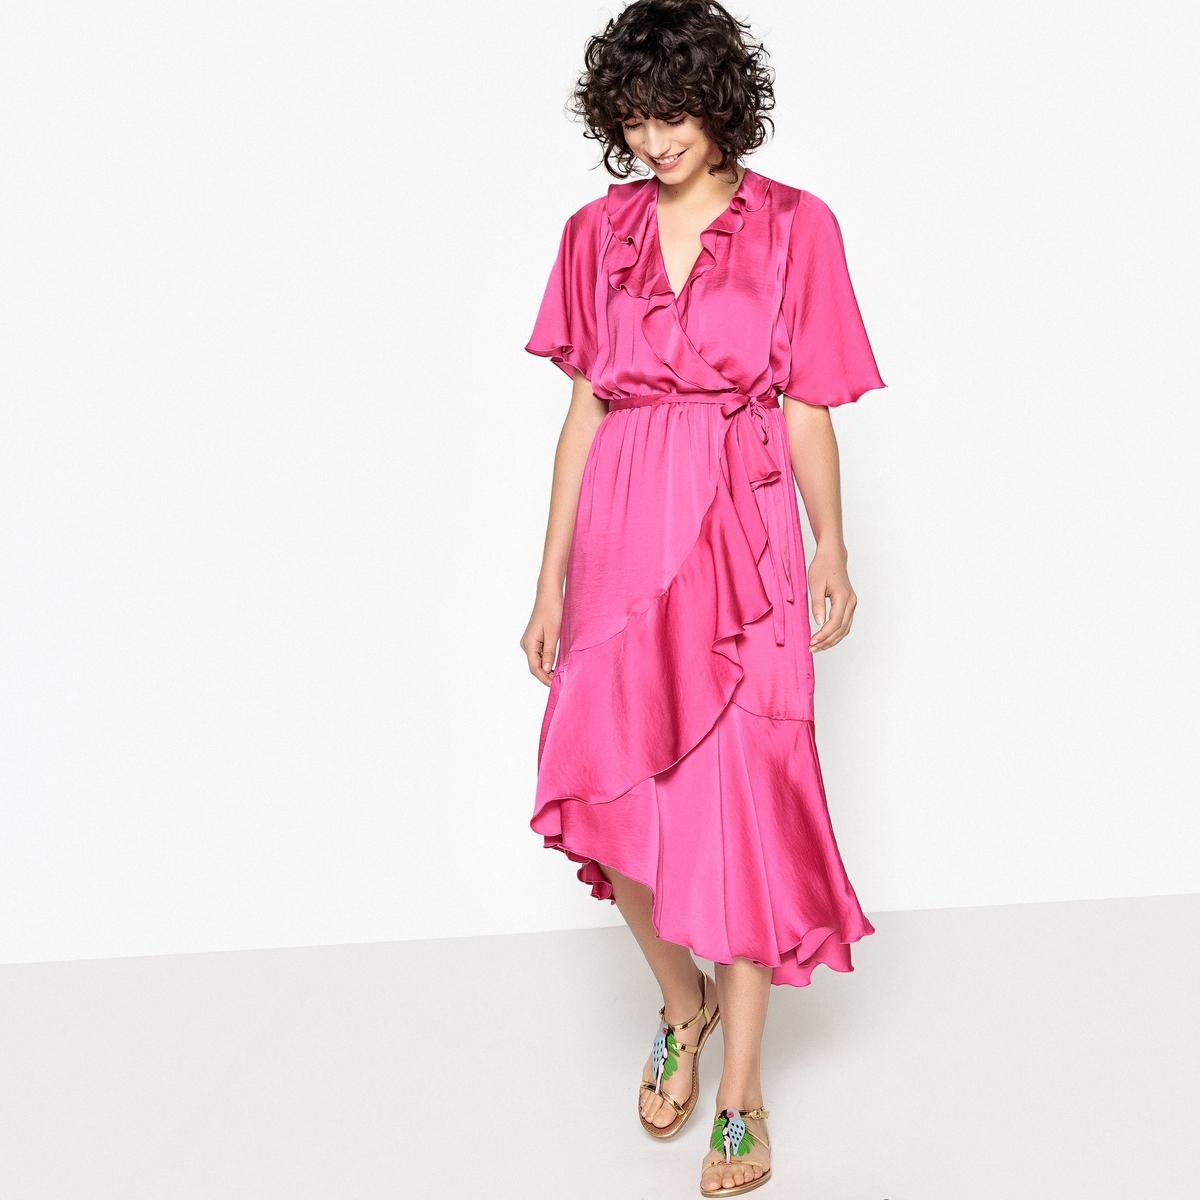 цена Платье La Redoute С запахом средней длины с воланами 38 (FR) - 44 (RUS) розовый онлайн в 2017 году